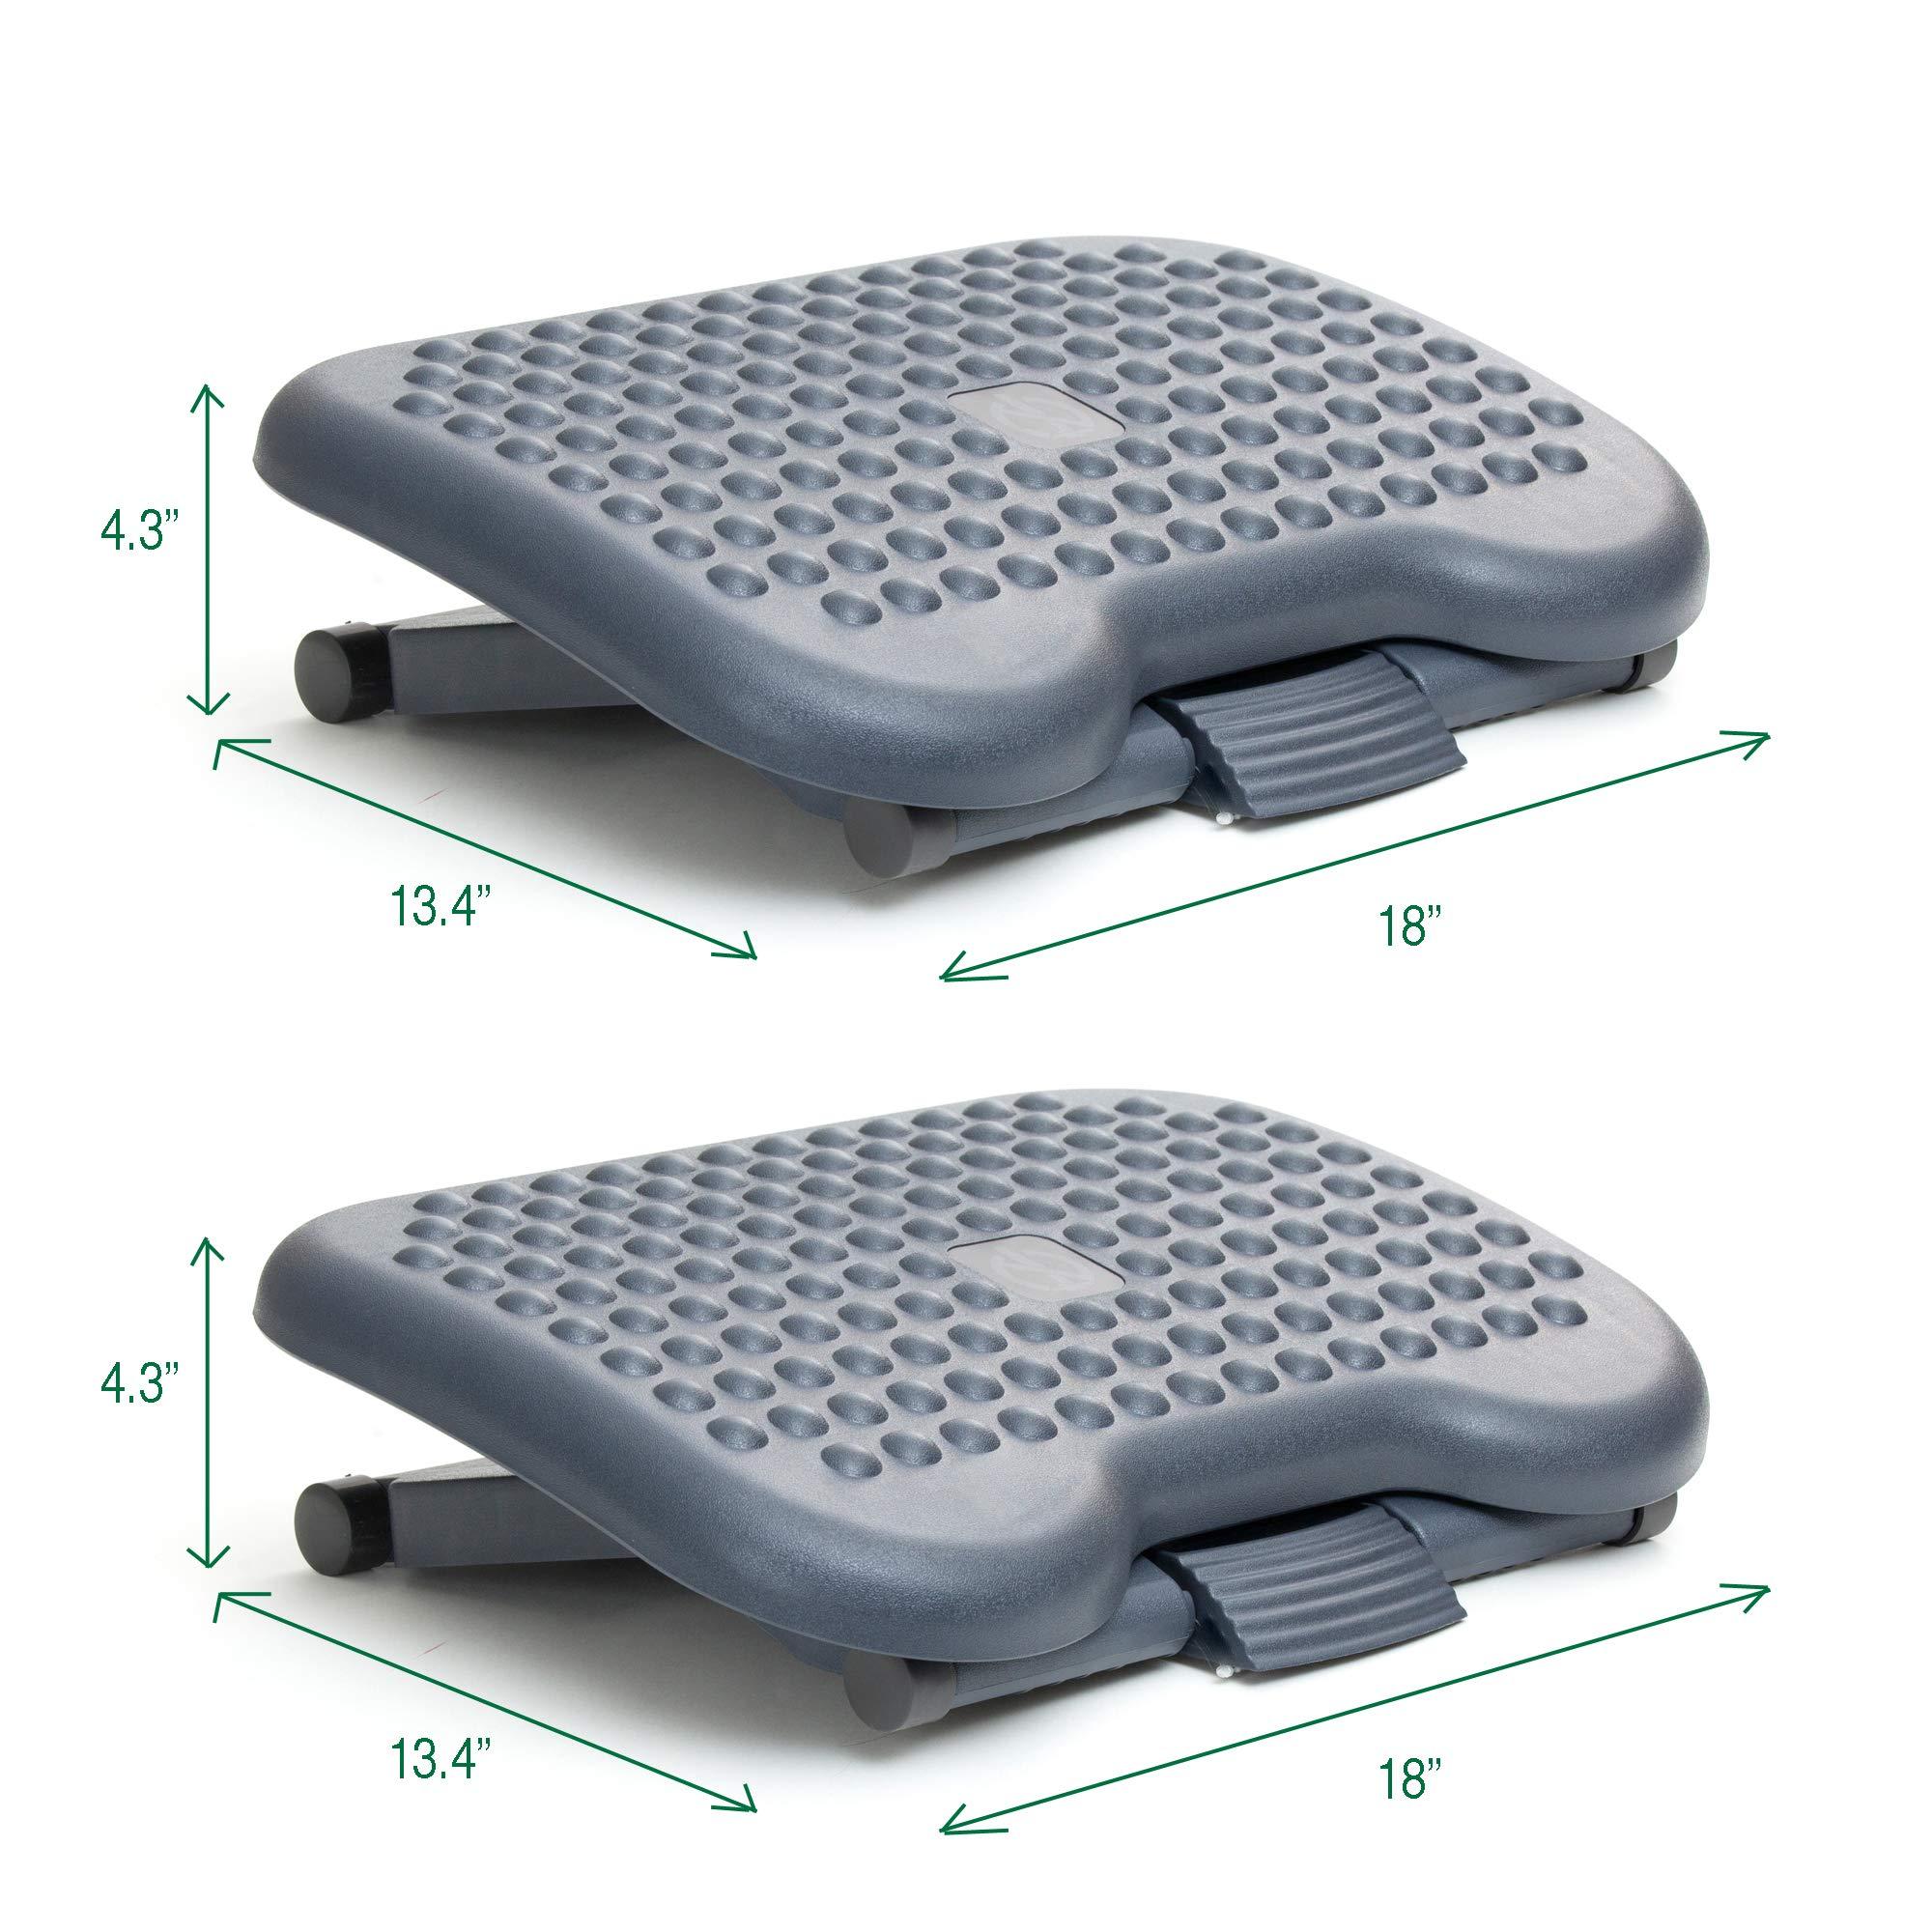 Mind Reader 2FTREST-BLK 2 Pack Adjustable Height Ergonomic Foot Rest, Black by Mind Reader (Image #7)